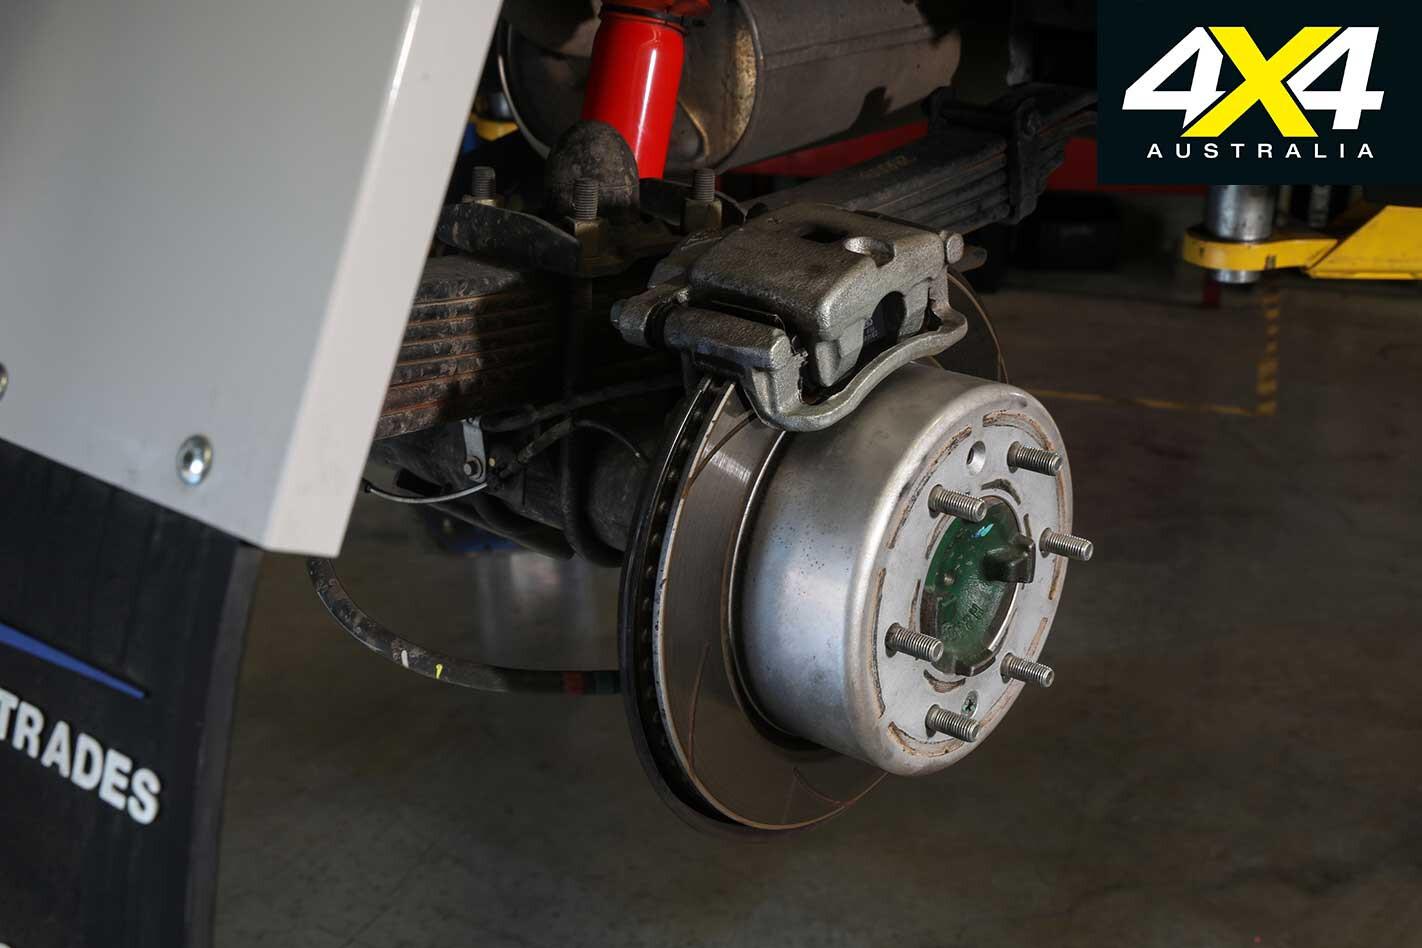 Ford Ranger Rear Disc Brakes Jpg